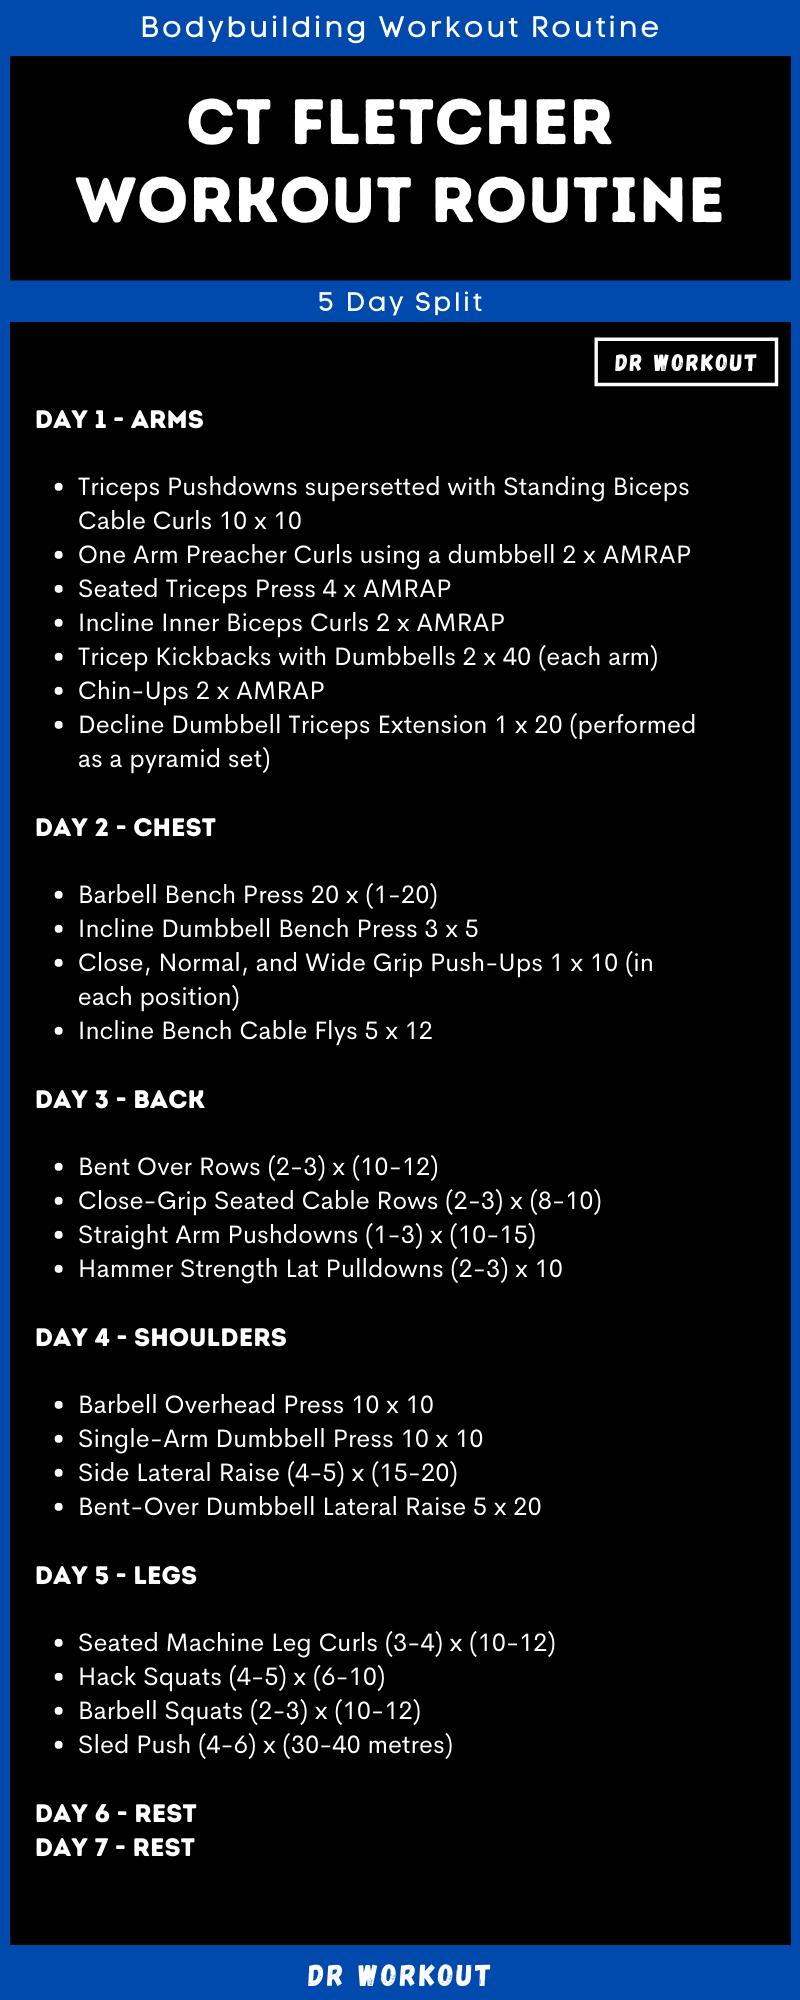 CT Fletcher Workout Routine